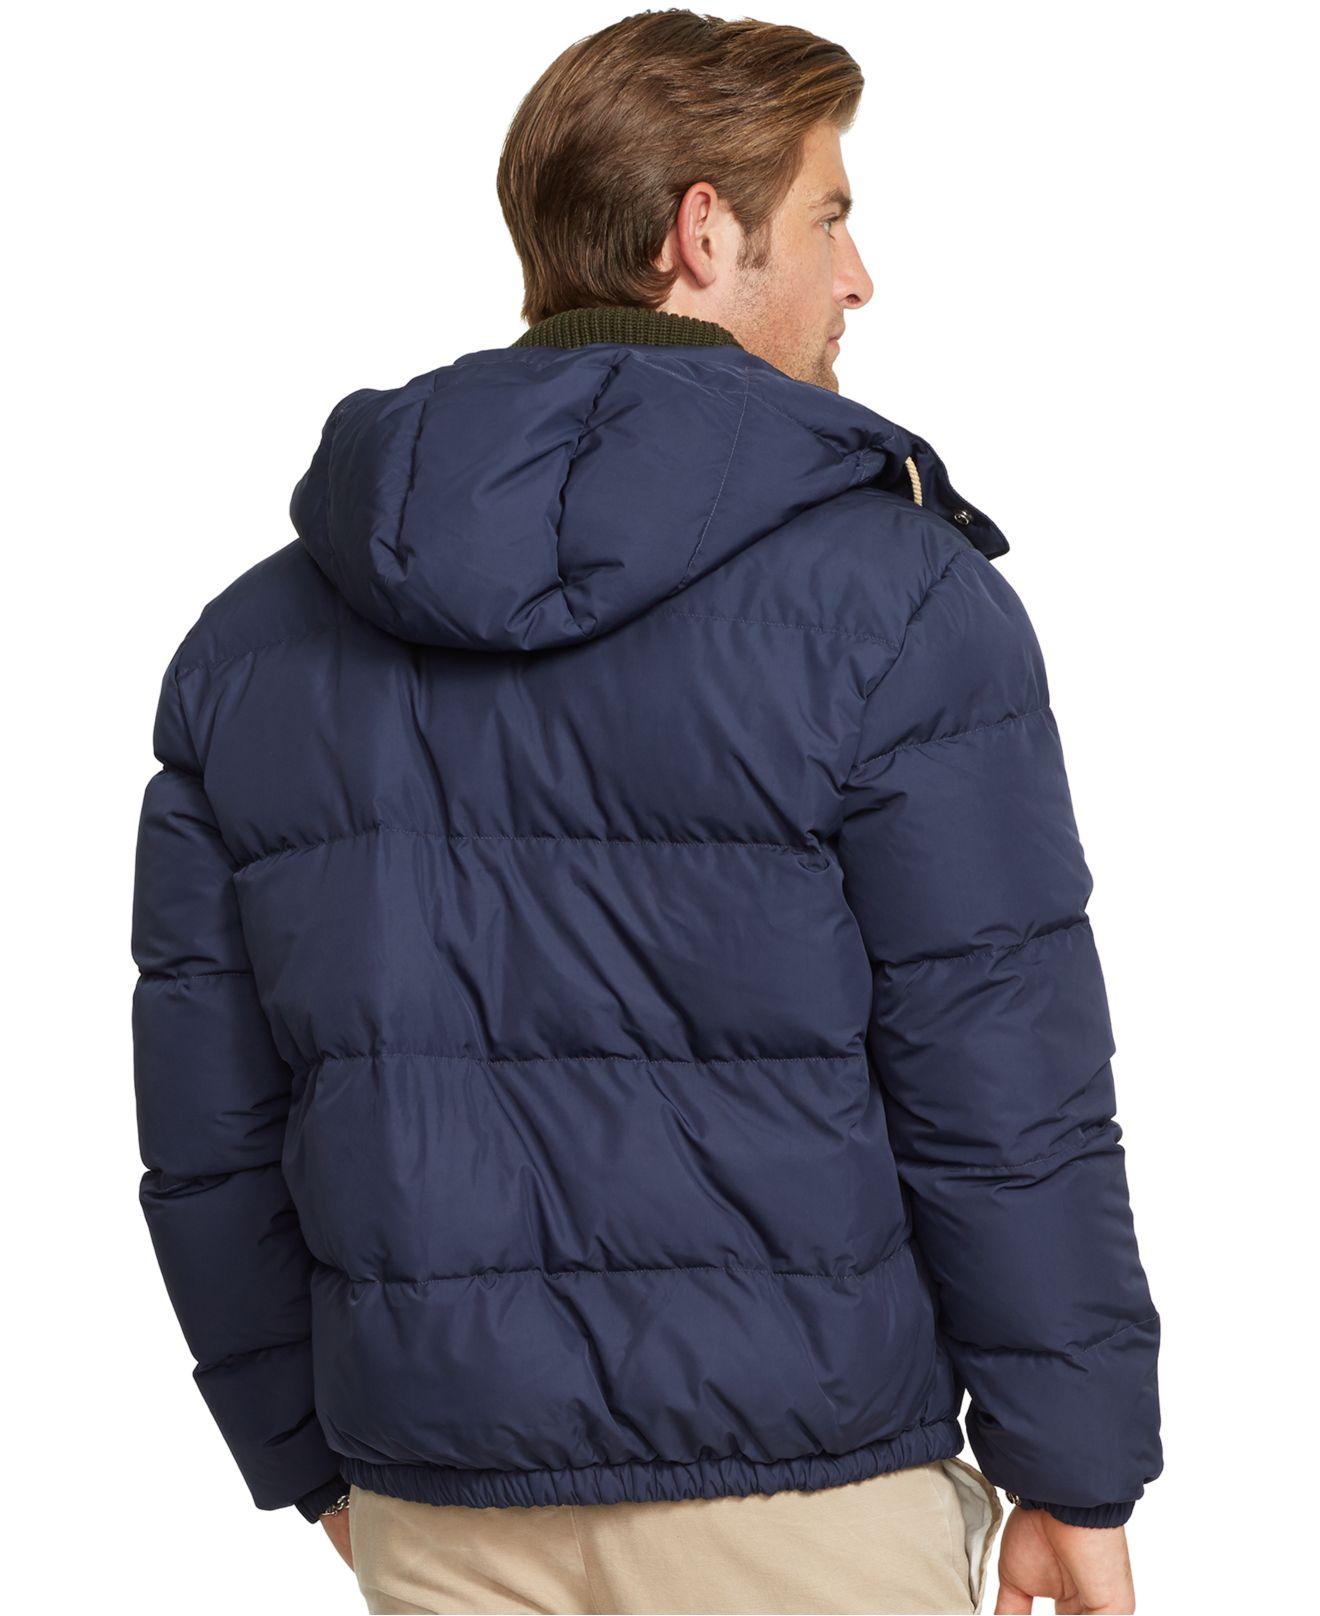 Elmwood Blue In For Men Jacket Polo Ralph Down Lyst Lauren EIDH9eY2W